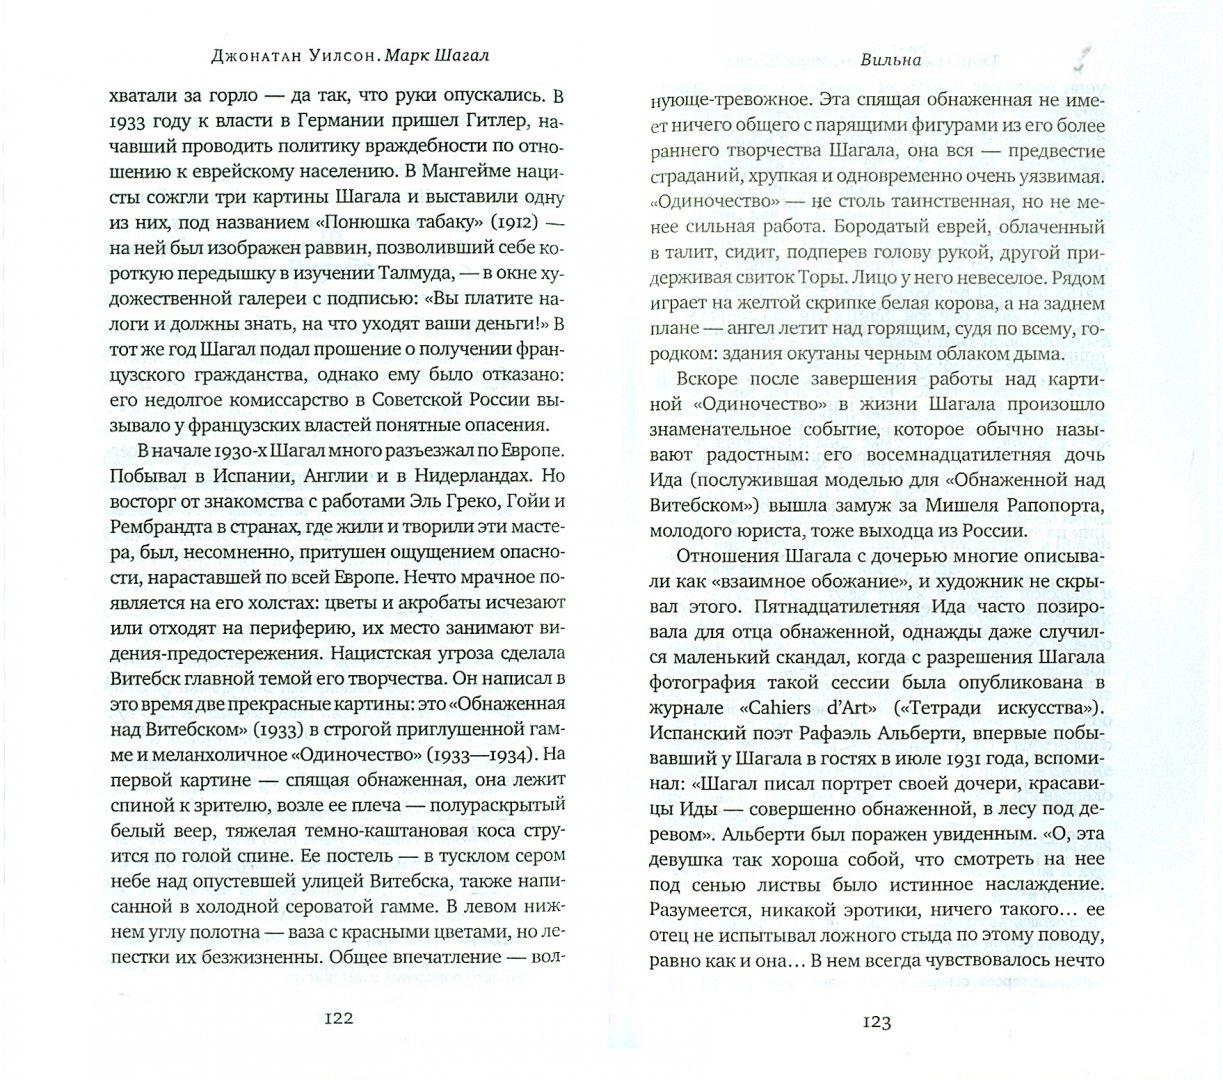 Иллюстрация 1 из 25 для Марк Шагал - Джонатан Уилсон | Лабиринт - книги. Источник: Лабиринт